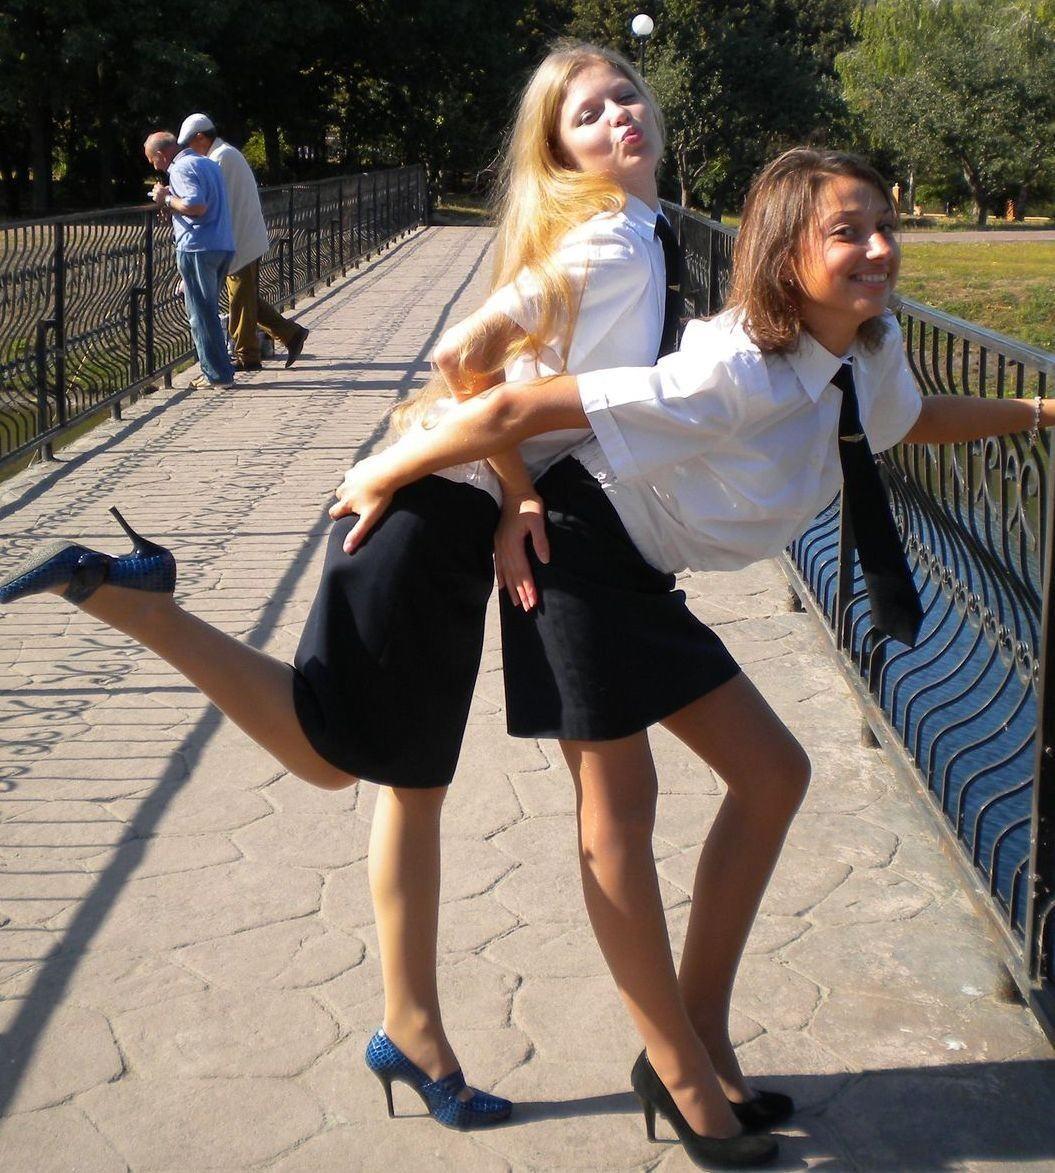 制服着た~~~~美女と美少女がエロいコスプレでエロいパンティー見せちゃうポルノエロ画像wwww 13 90